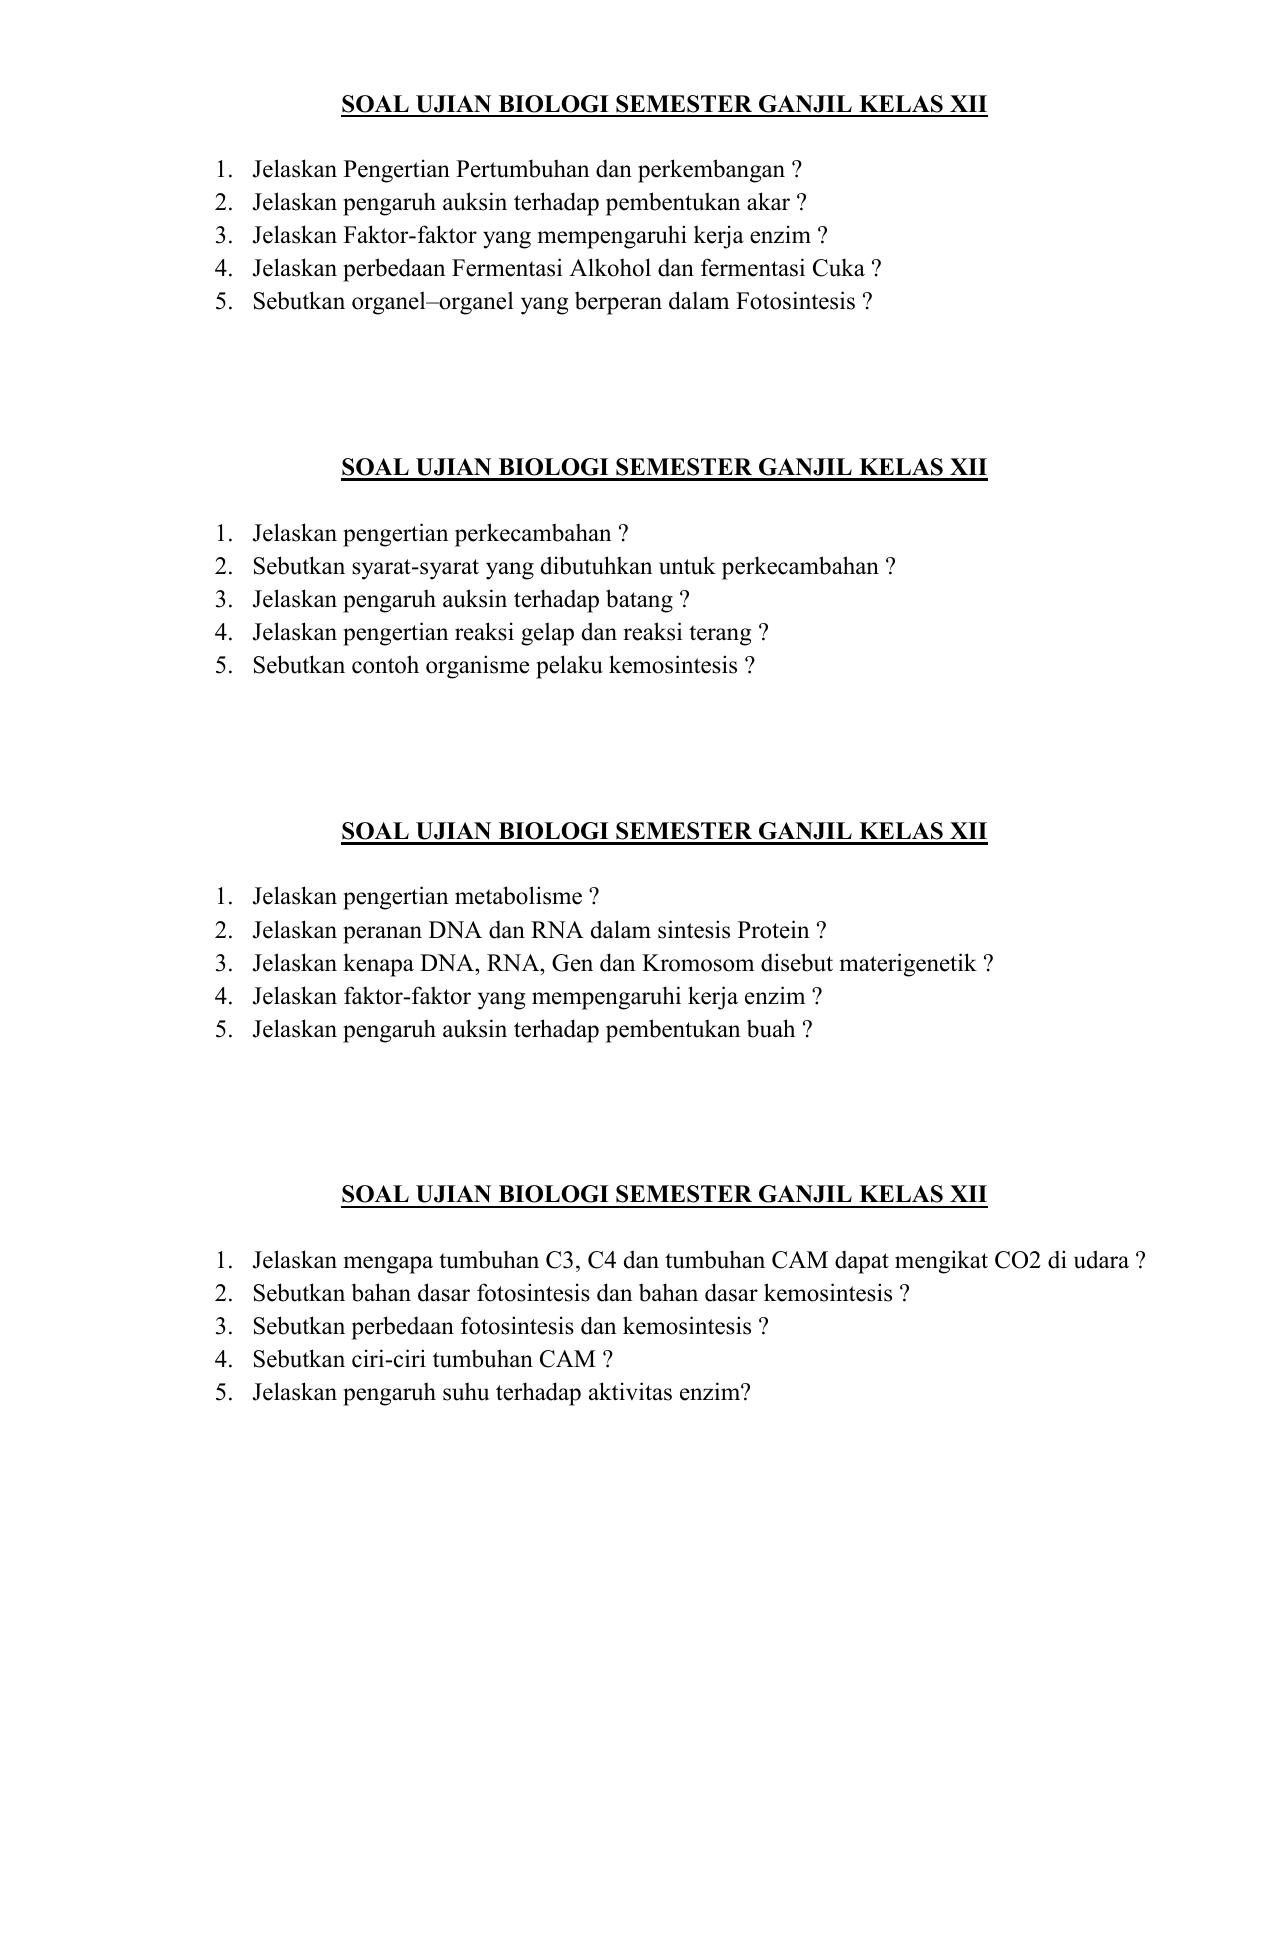 Soal Ujian Biologi Semester Ganjil Kelas Xii